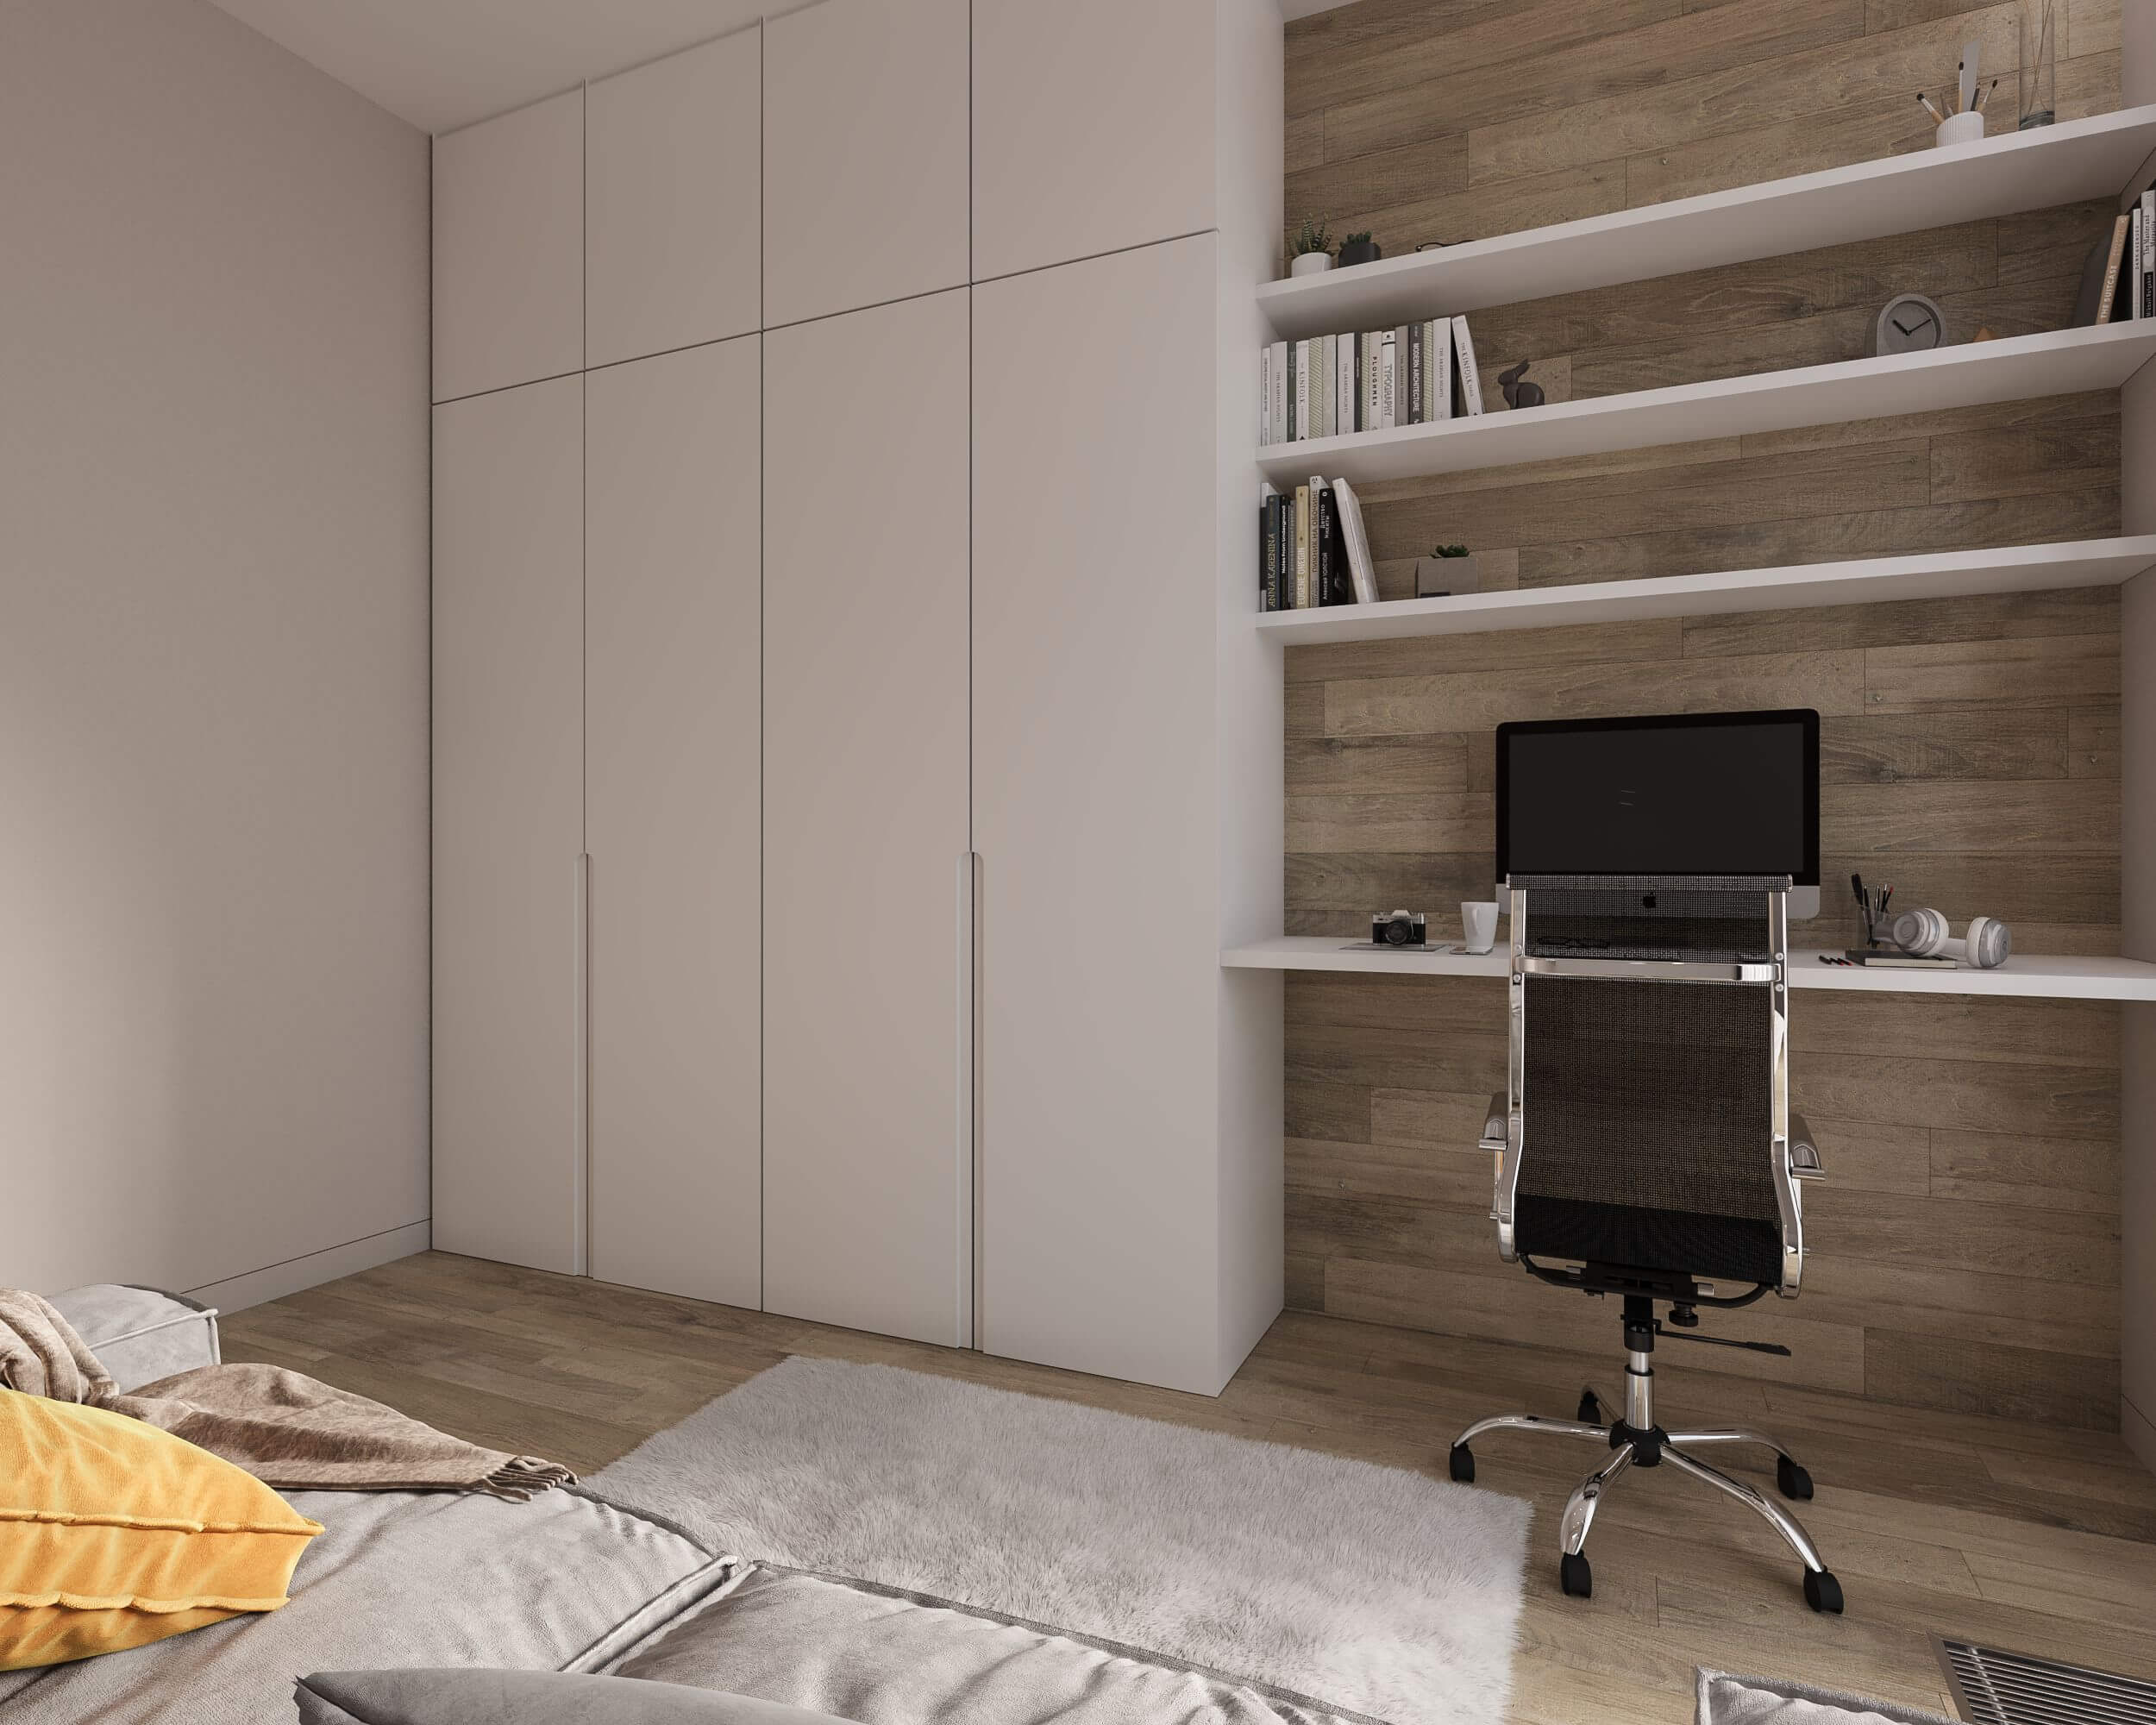 Дизайн гостевой спальни. Рабочая зона. Шкаф. Вид 1.